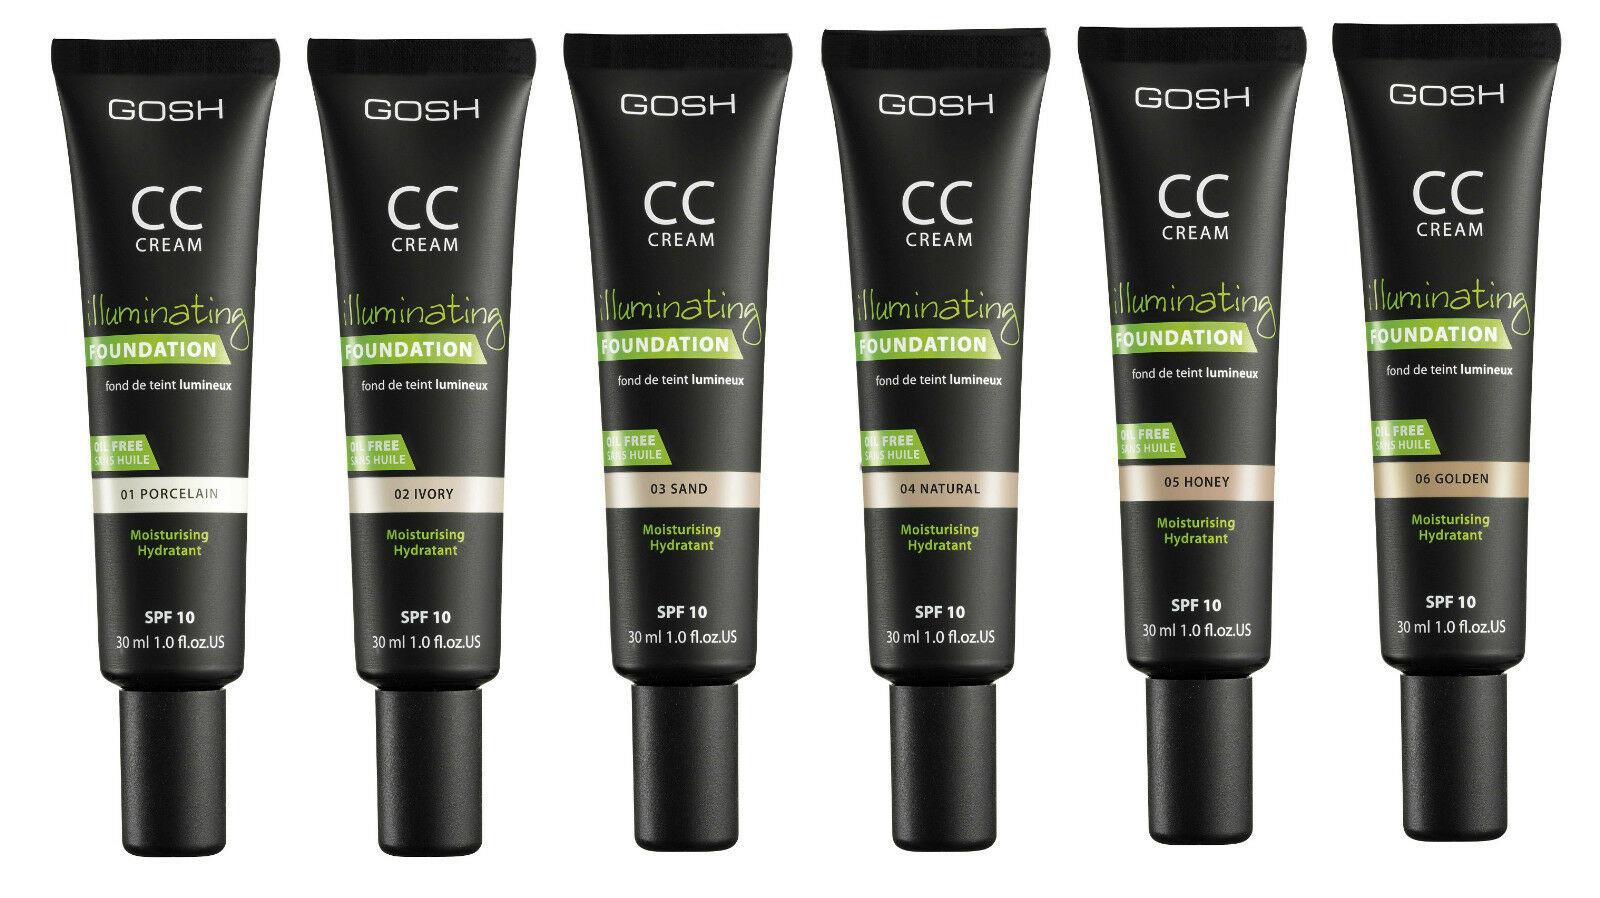 Gosh Cc Cream - Illuminating Foundation